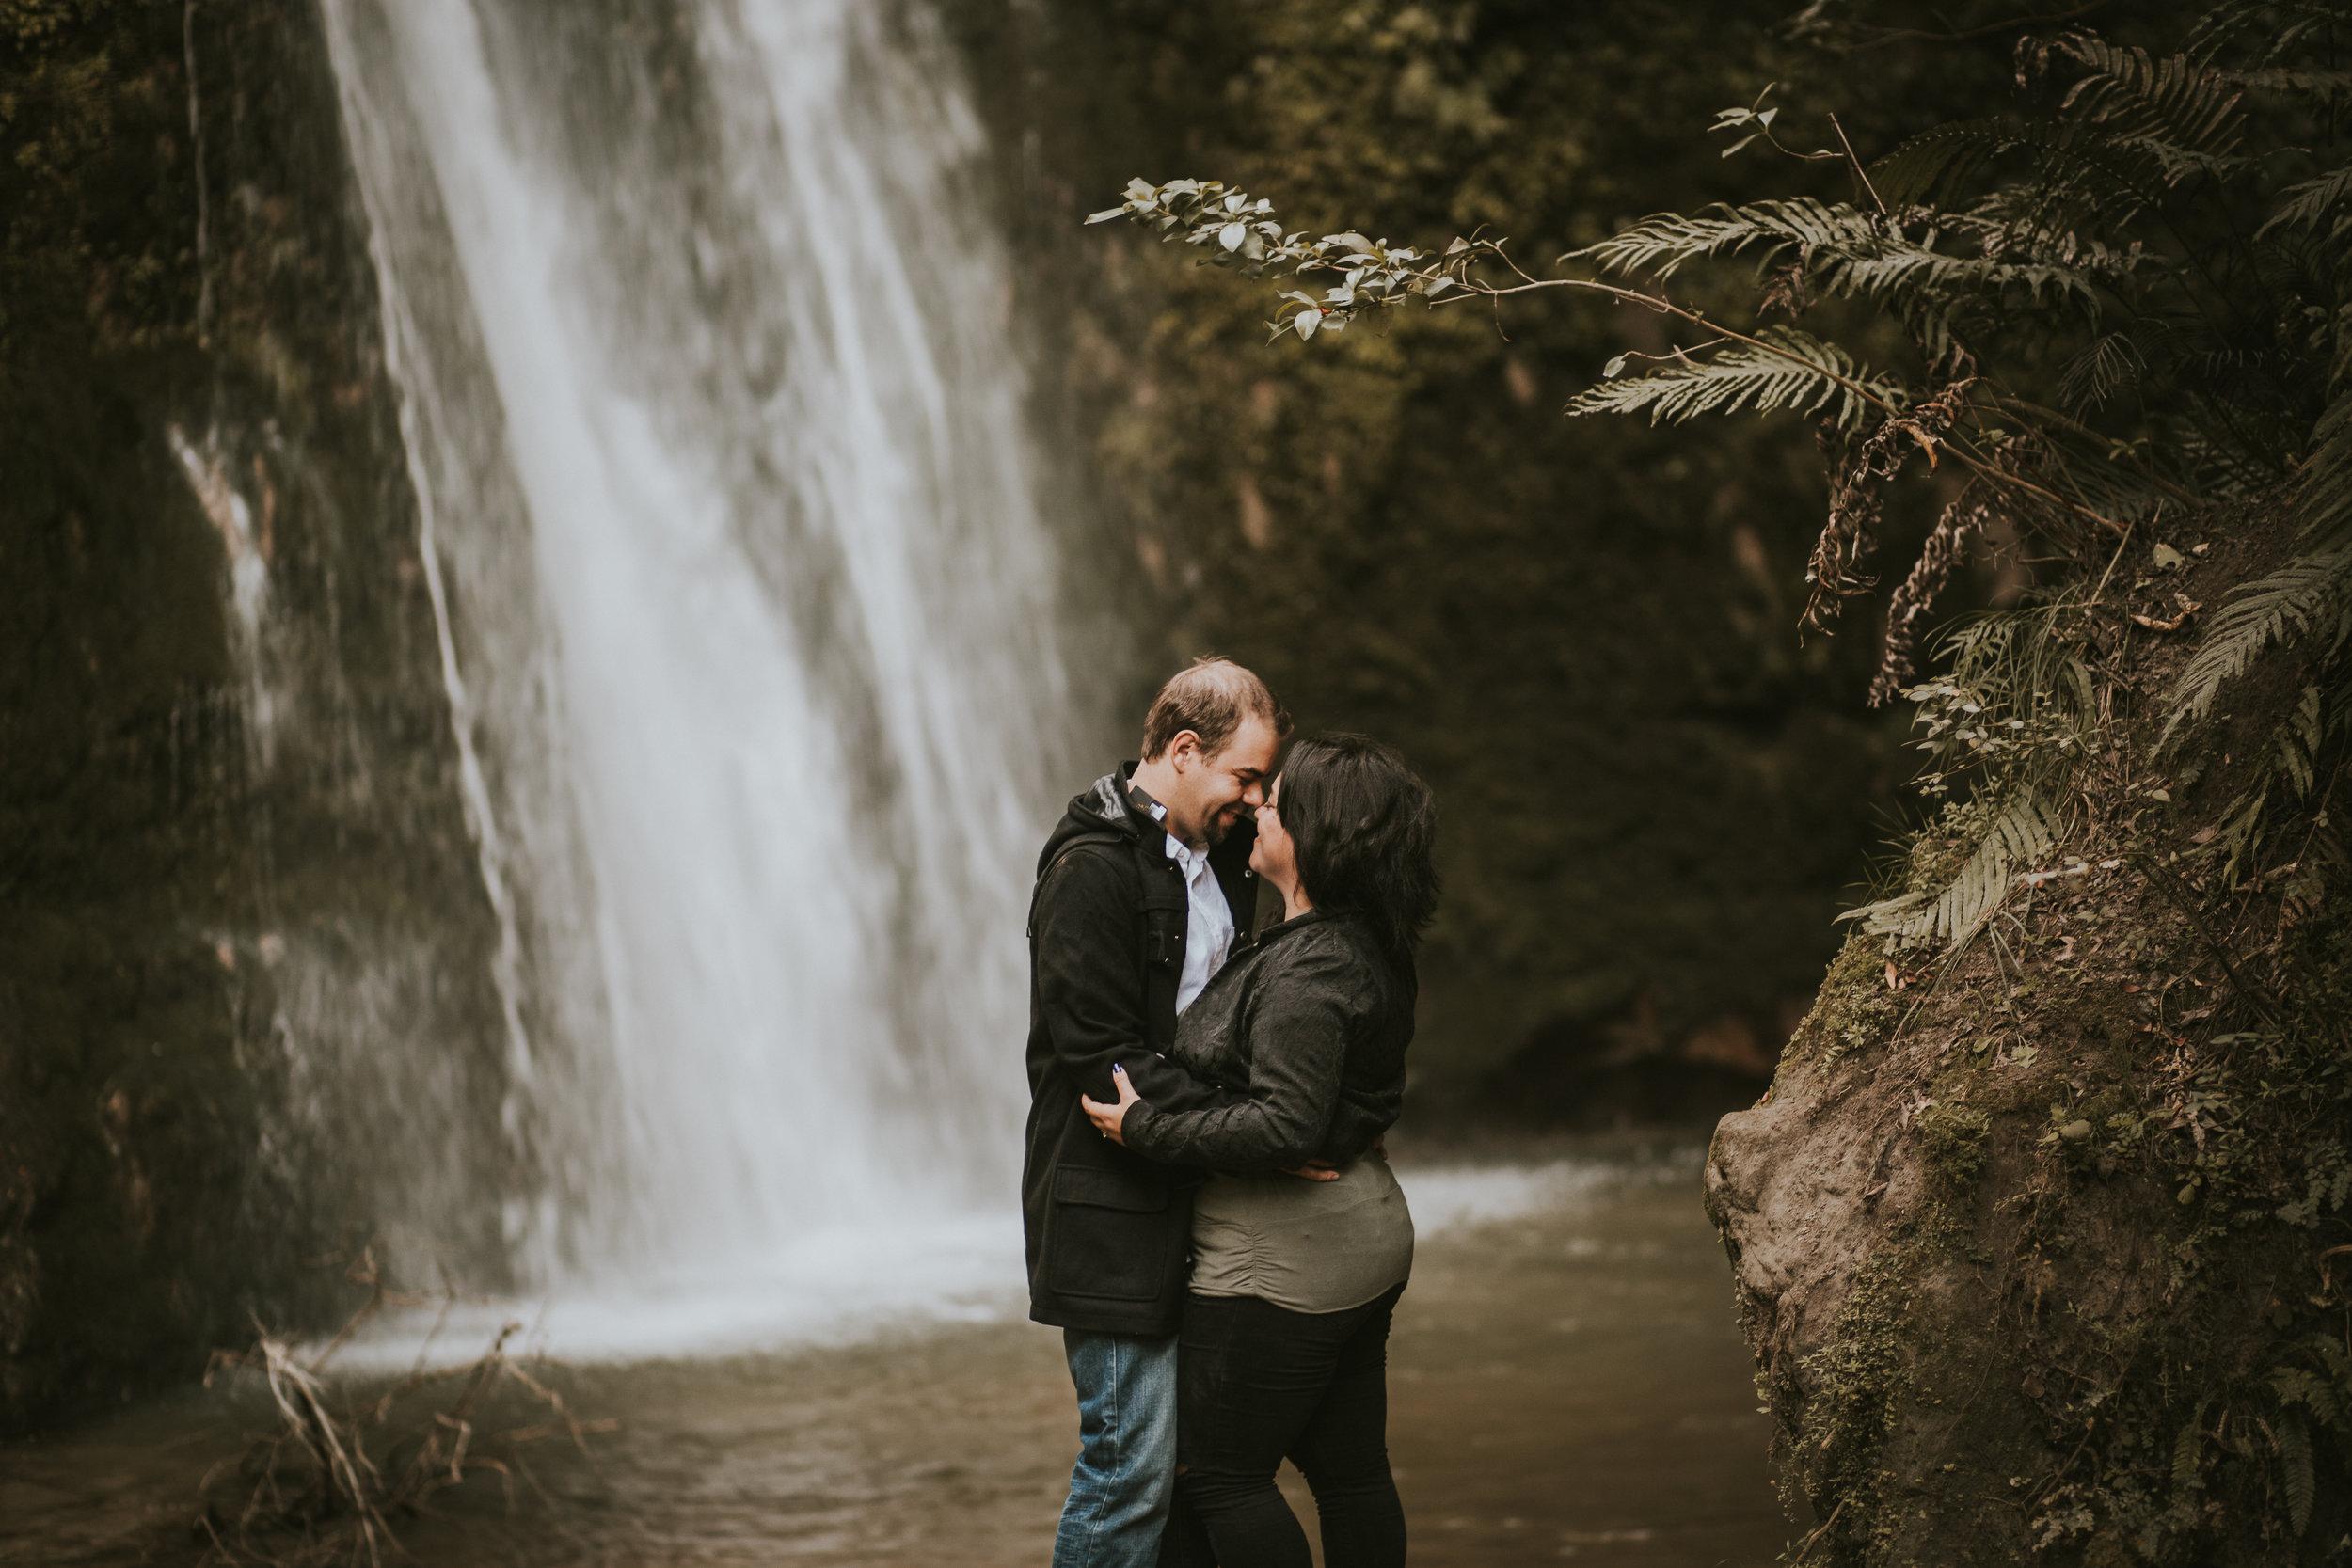 Lisa Fisher Photography - James & Lisa Engagement-22.jpg